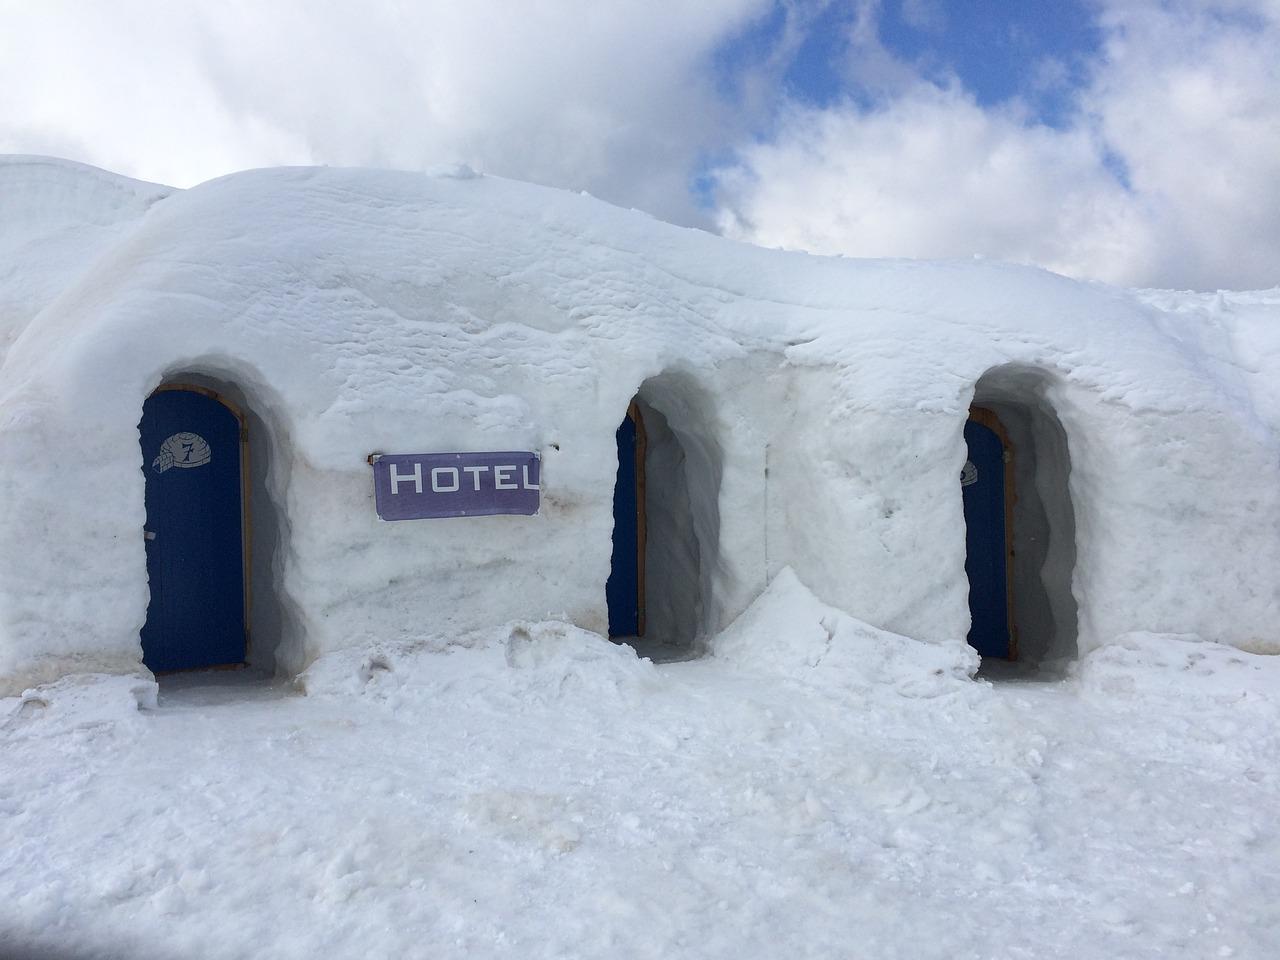 فندق مبني من الثلوج